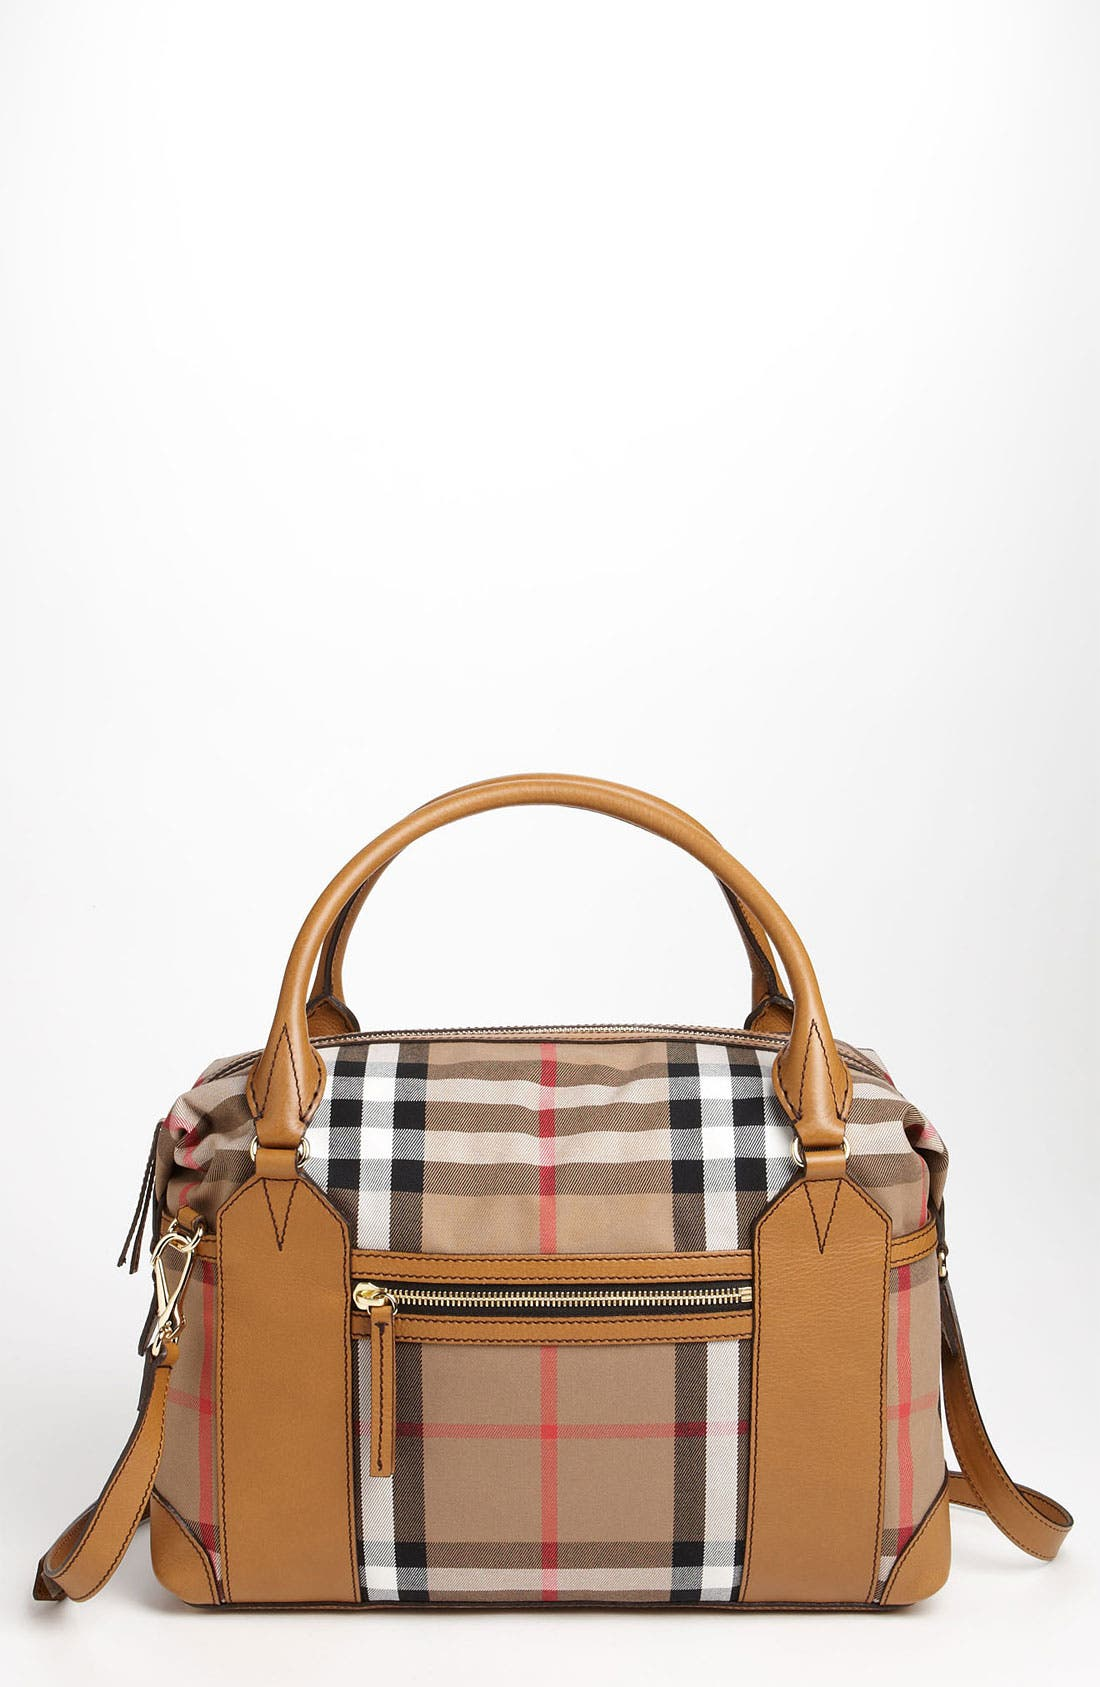 Main Image - Burberry 'House Check' Diaper Bag